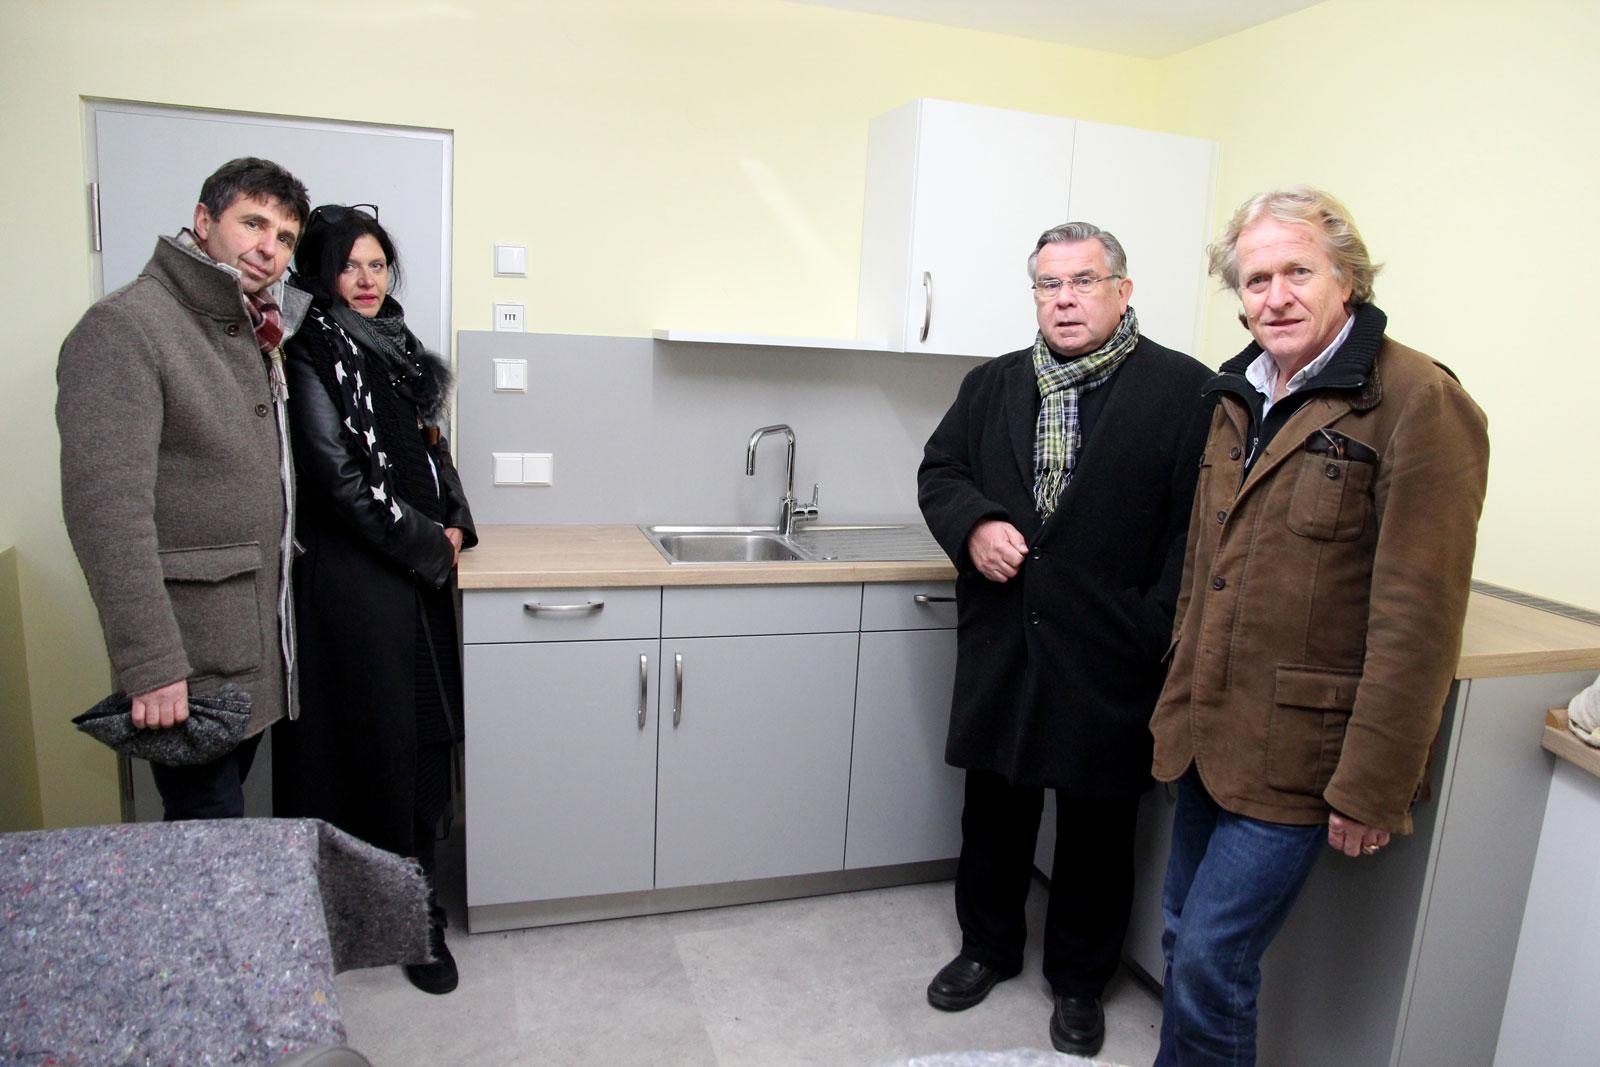 Möbel Eckstein aus Weißenbrunn spendete die passgenaue Küche für die Personal-Cafeteria. Lebenshilfe-Chef John vermittelte. Delfin-Projektleiter Dr. von Fersen dankte hezlich gegenüber den Förderern.